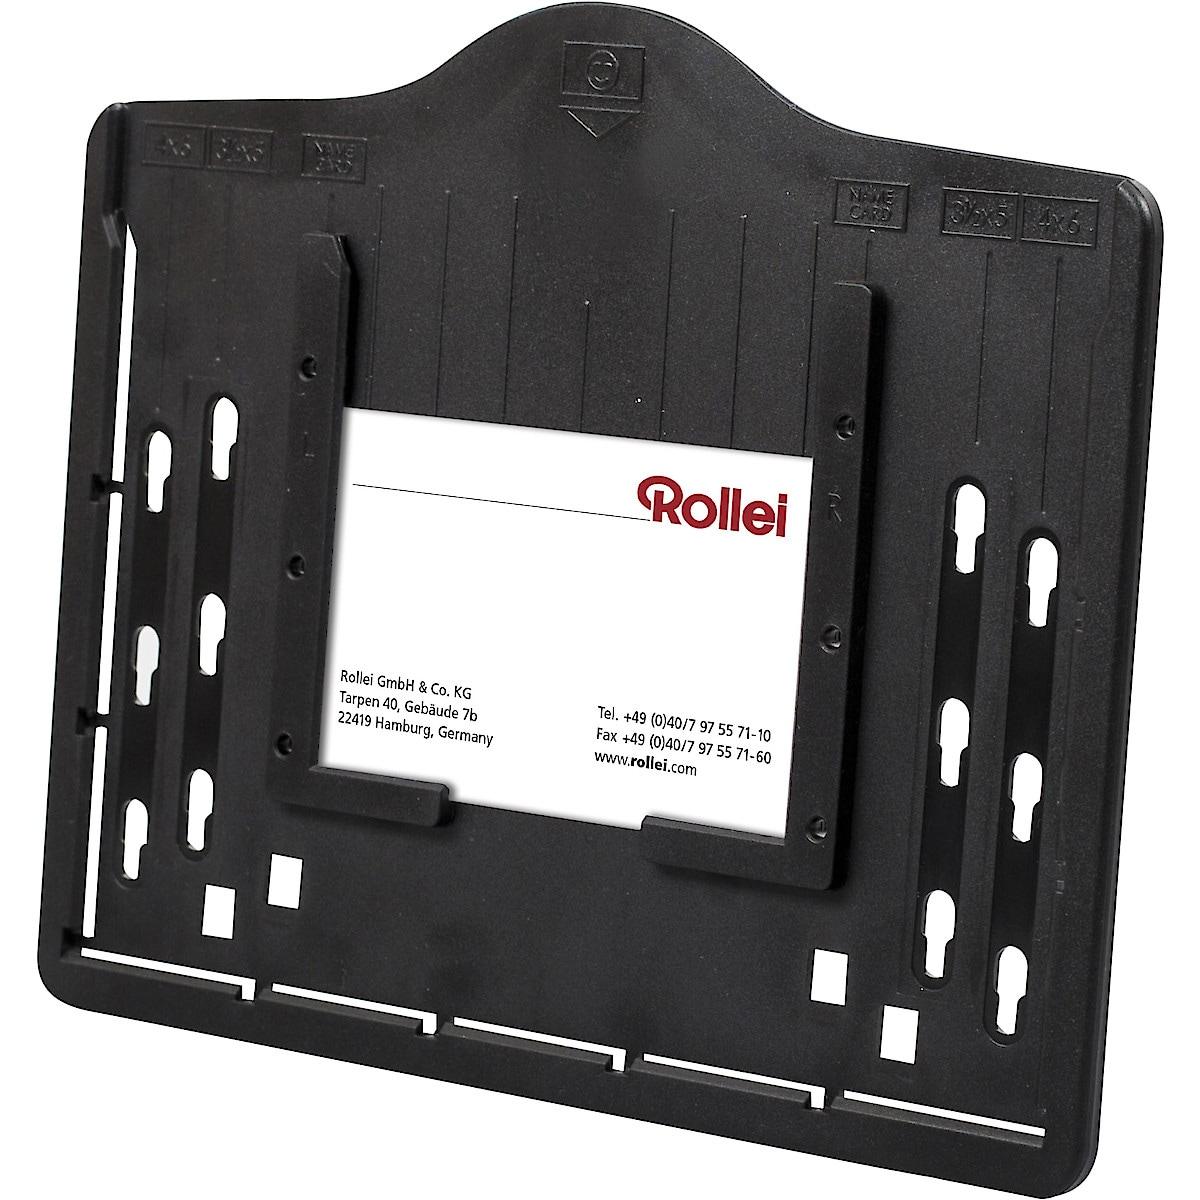 Dia-/Negativ- und Fotoscanner Rollei PDF-S 340